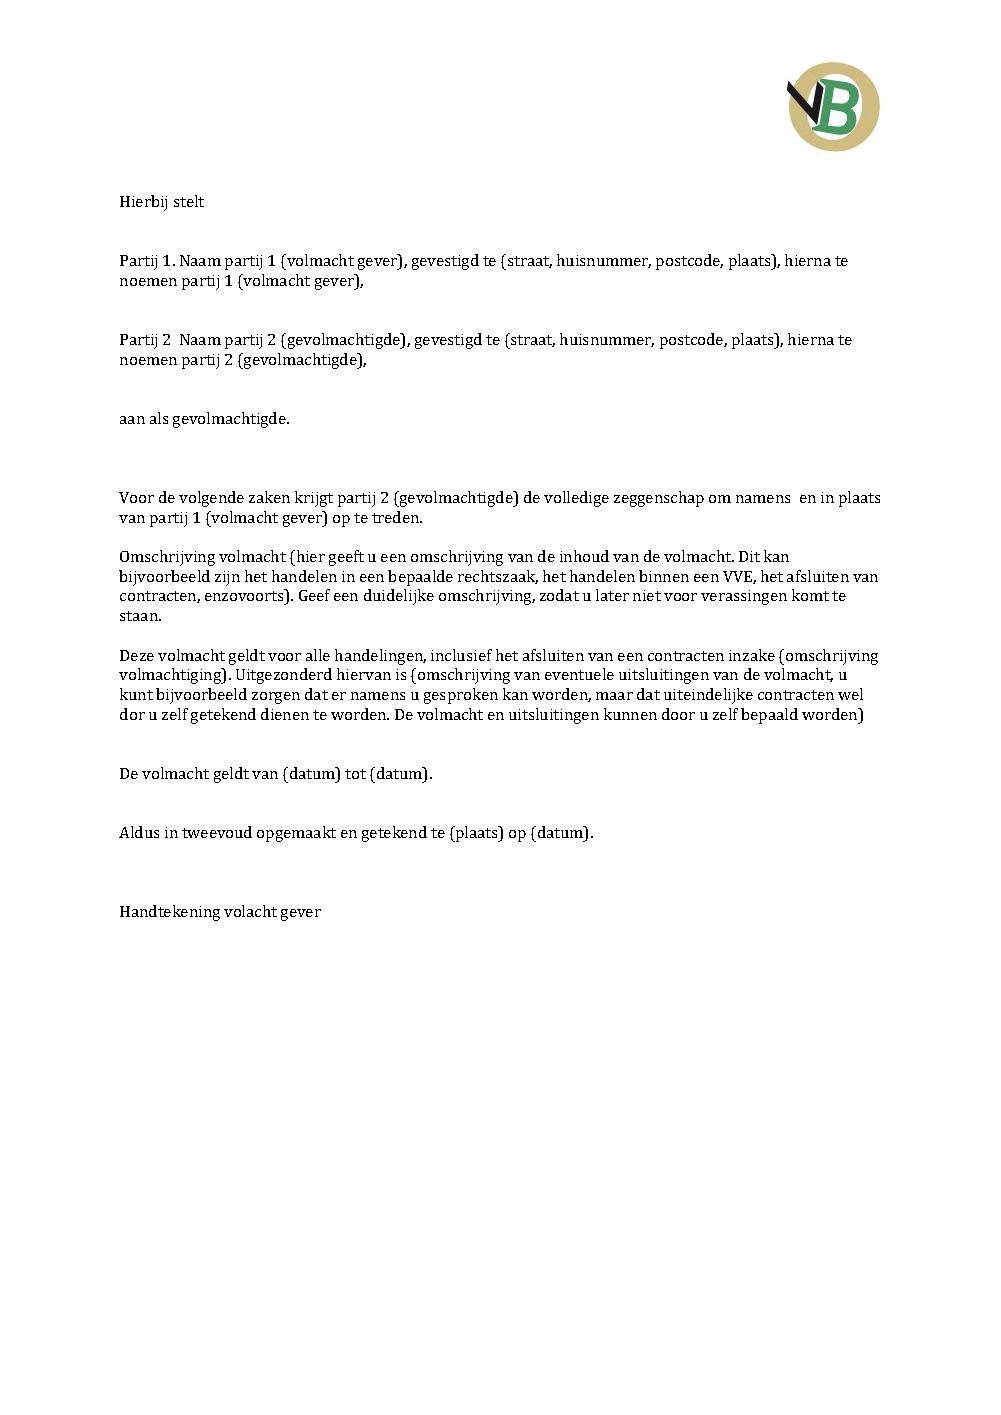 Snel Eenvoudig een brief voorbeeld downloaden in Word: descriptionebooks.com/voorbeeld/voorbeeld-1-opzegbrief.html